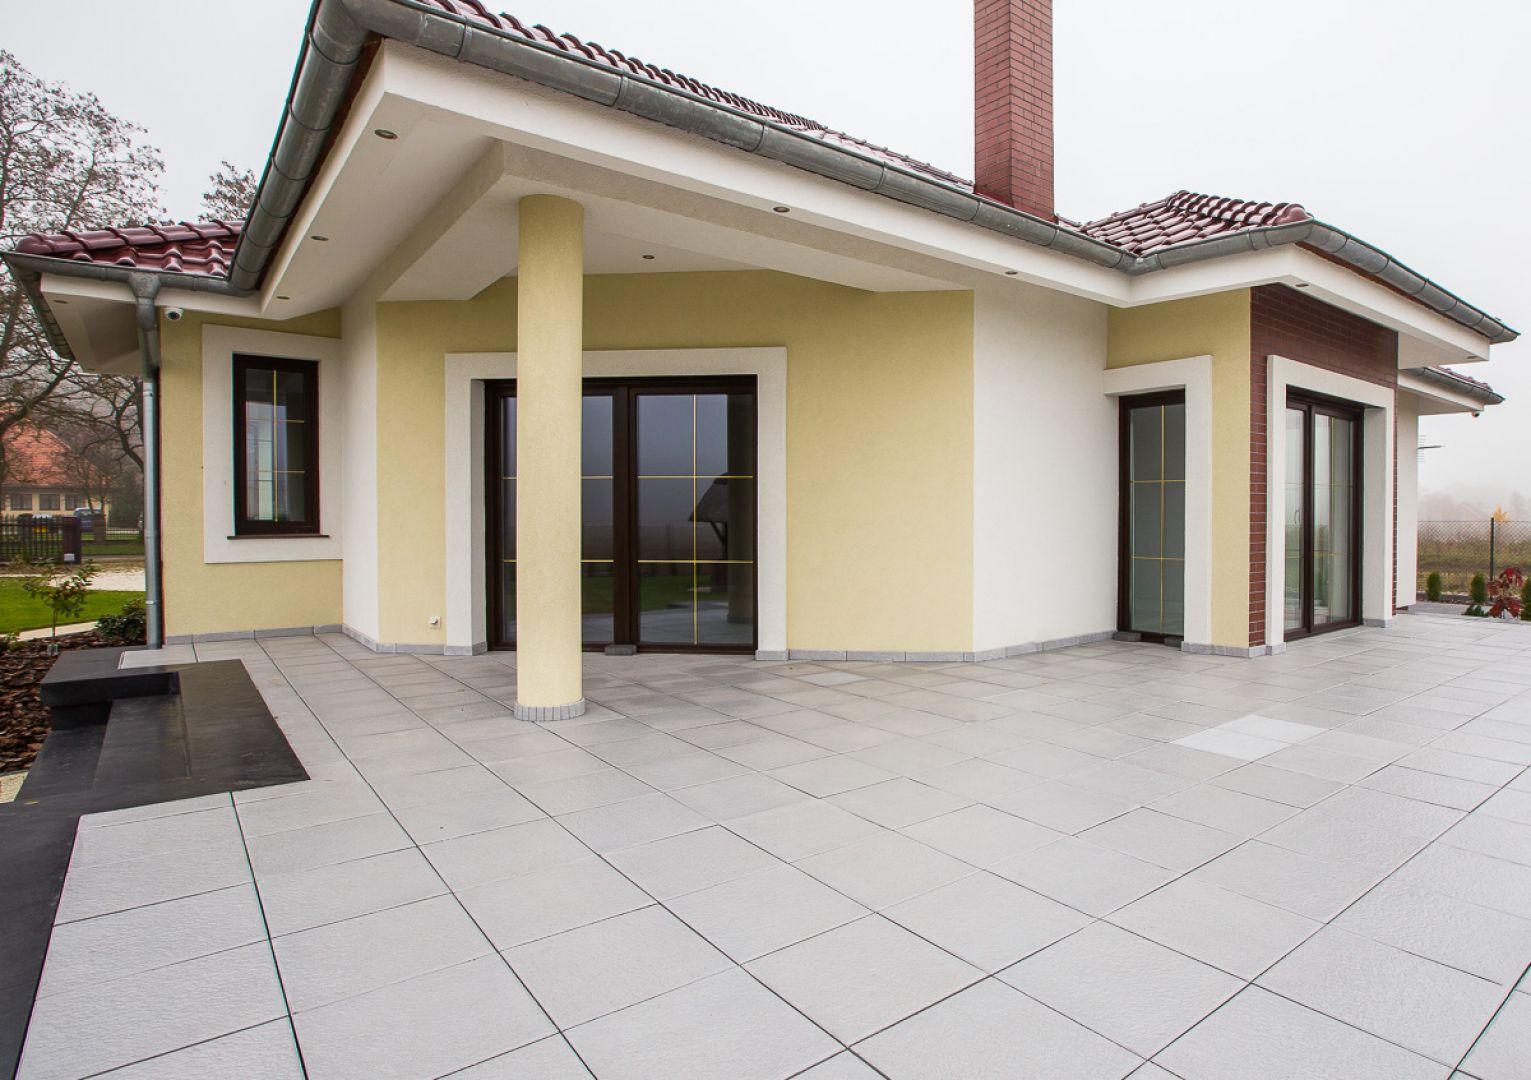 Tarasy i balkony to powierzchnie, które wystawione są na nieustanne działanie czynników atmosferycznych. Fot. Dasag